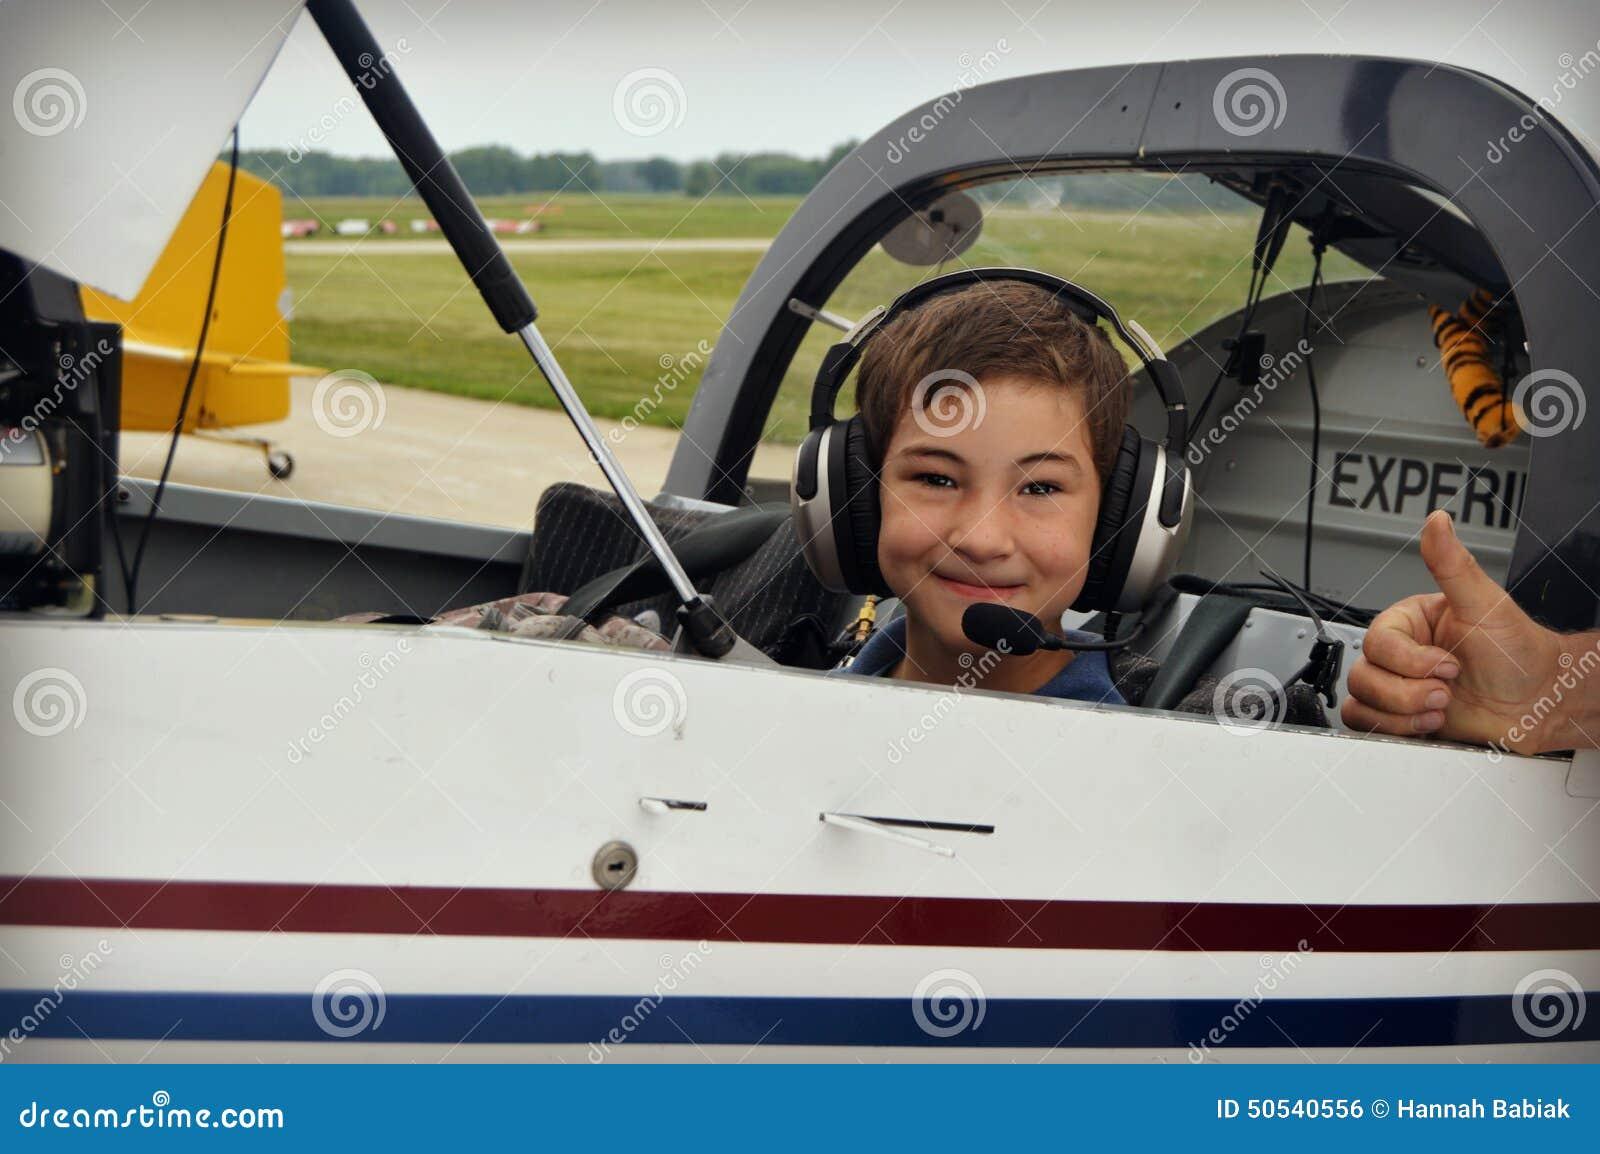 男孩在飞机驾驶舱内